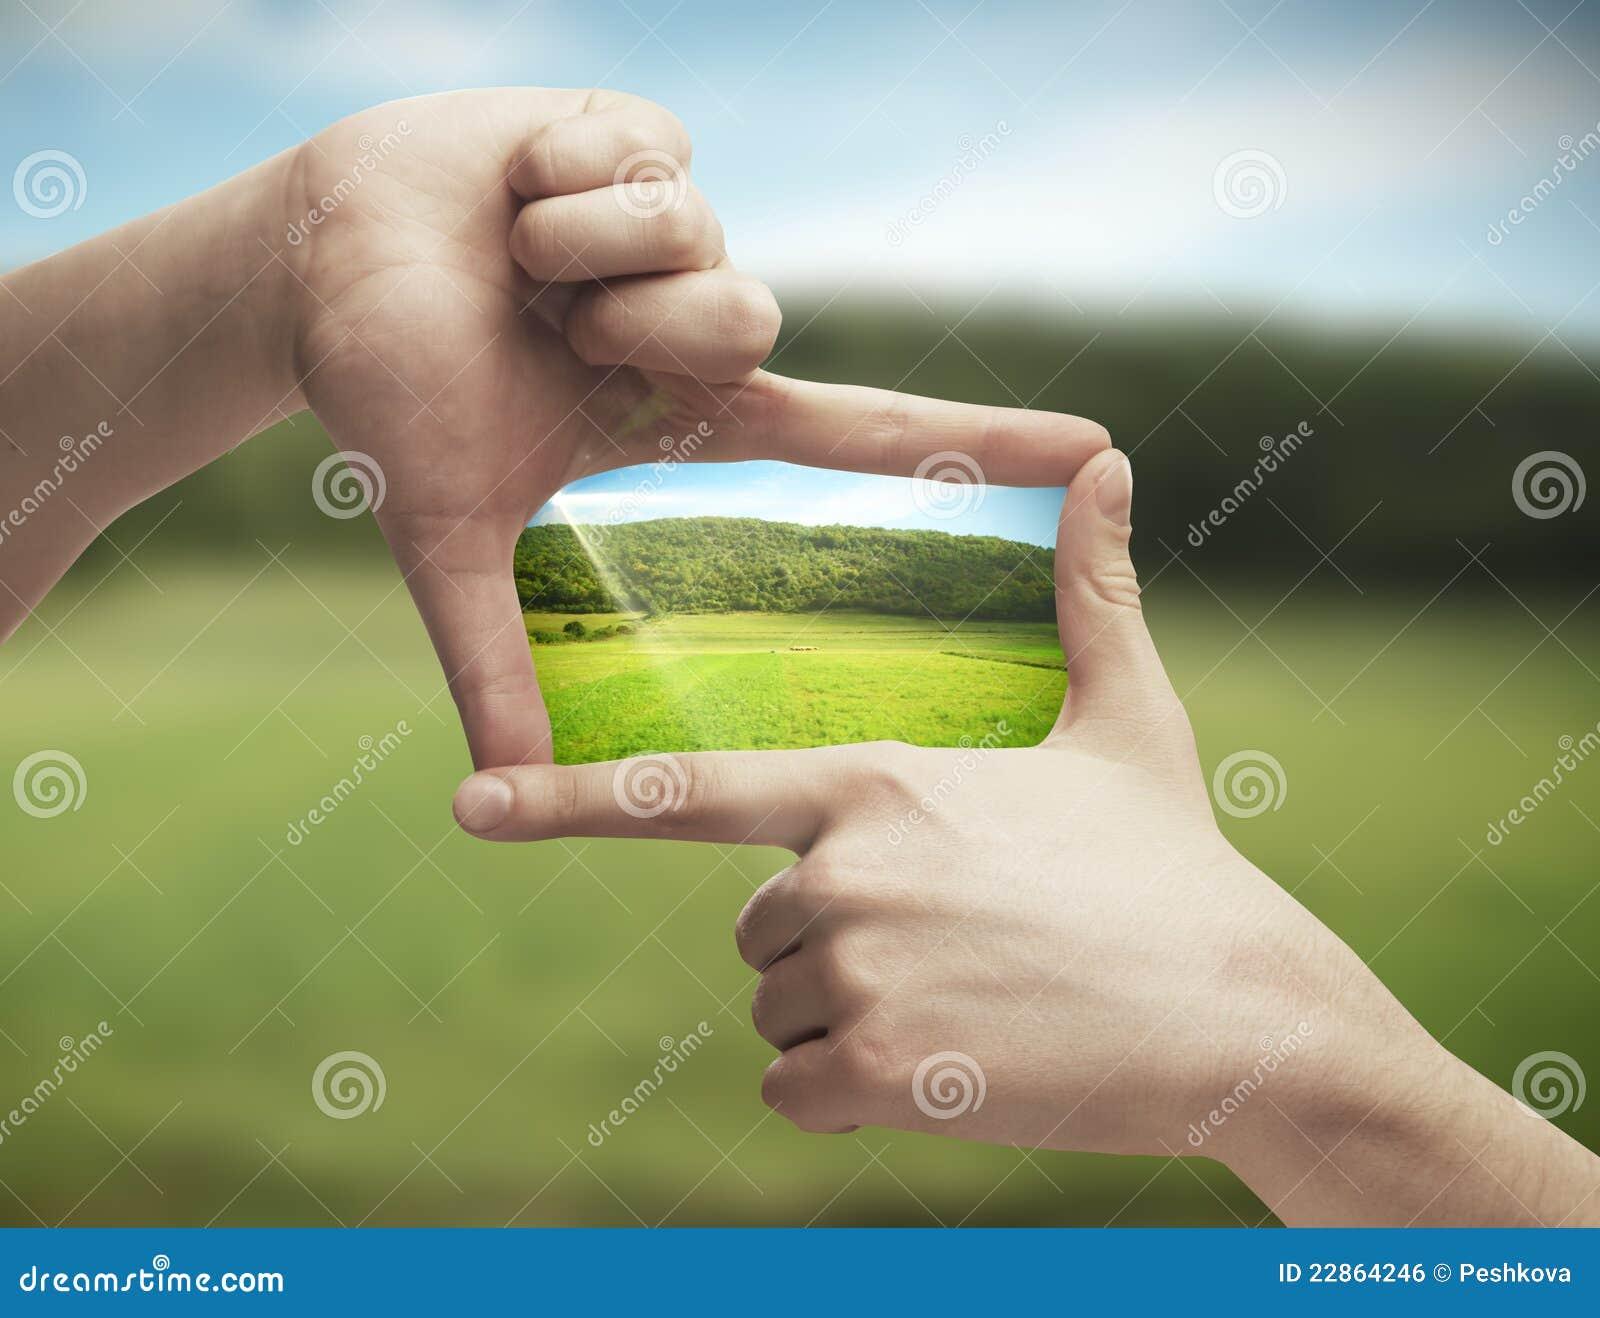 Foto des grünen Feldes in den Händen